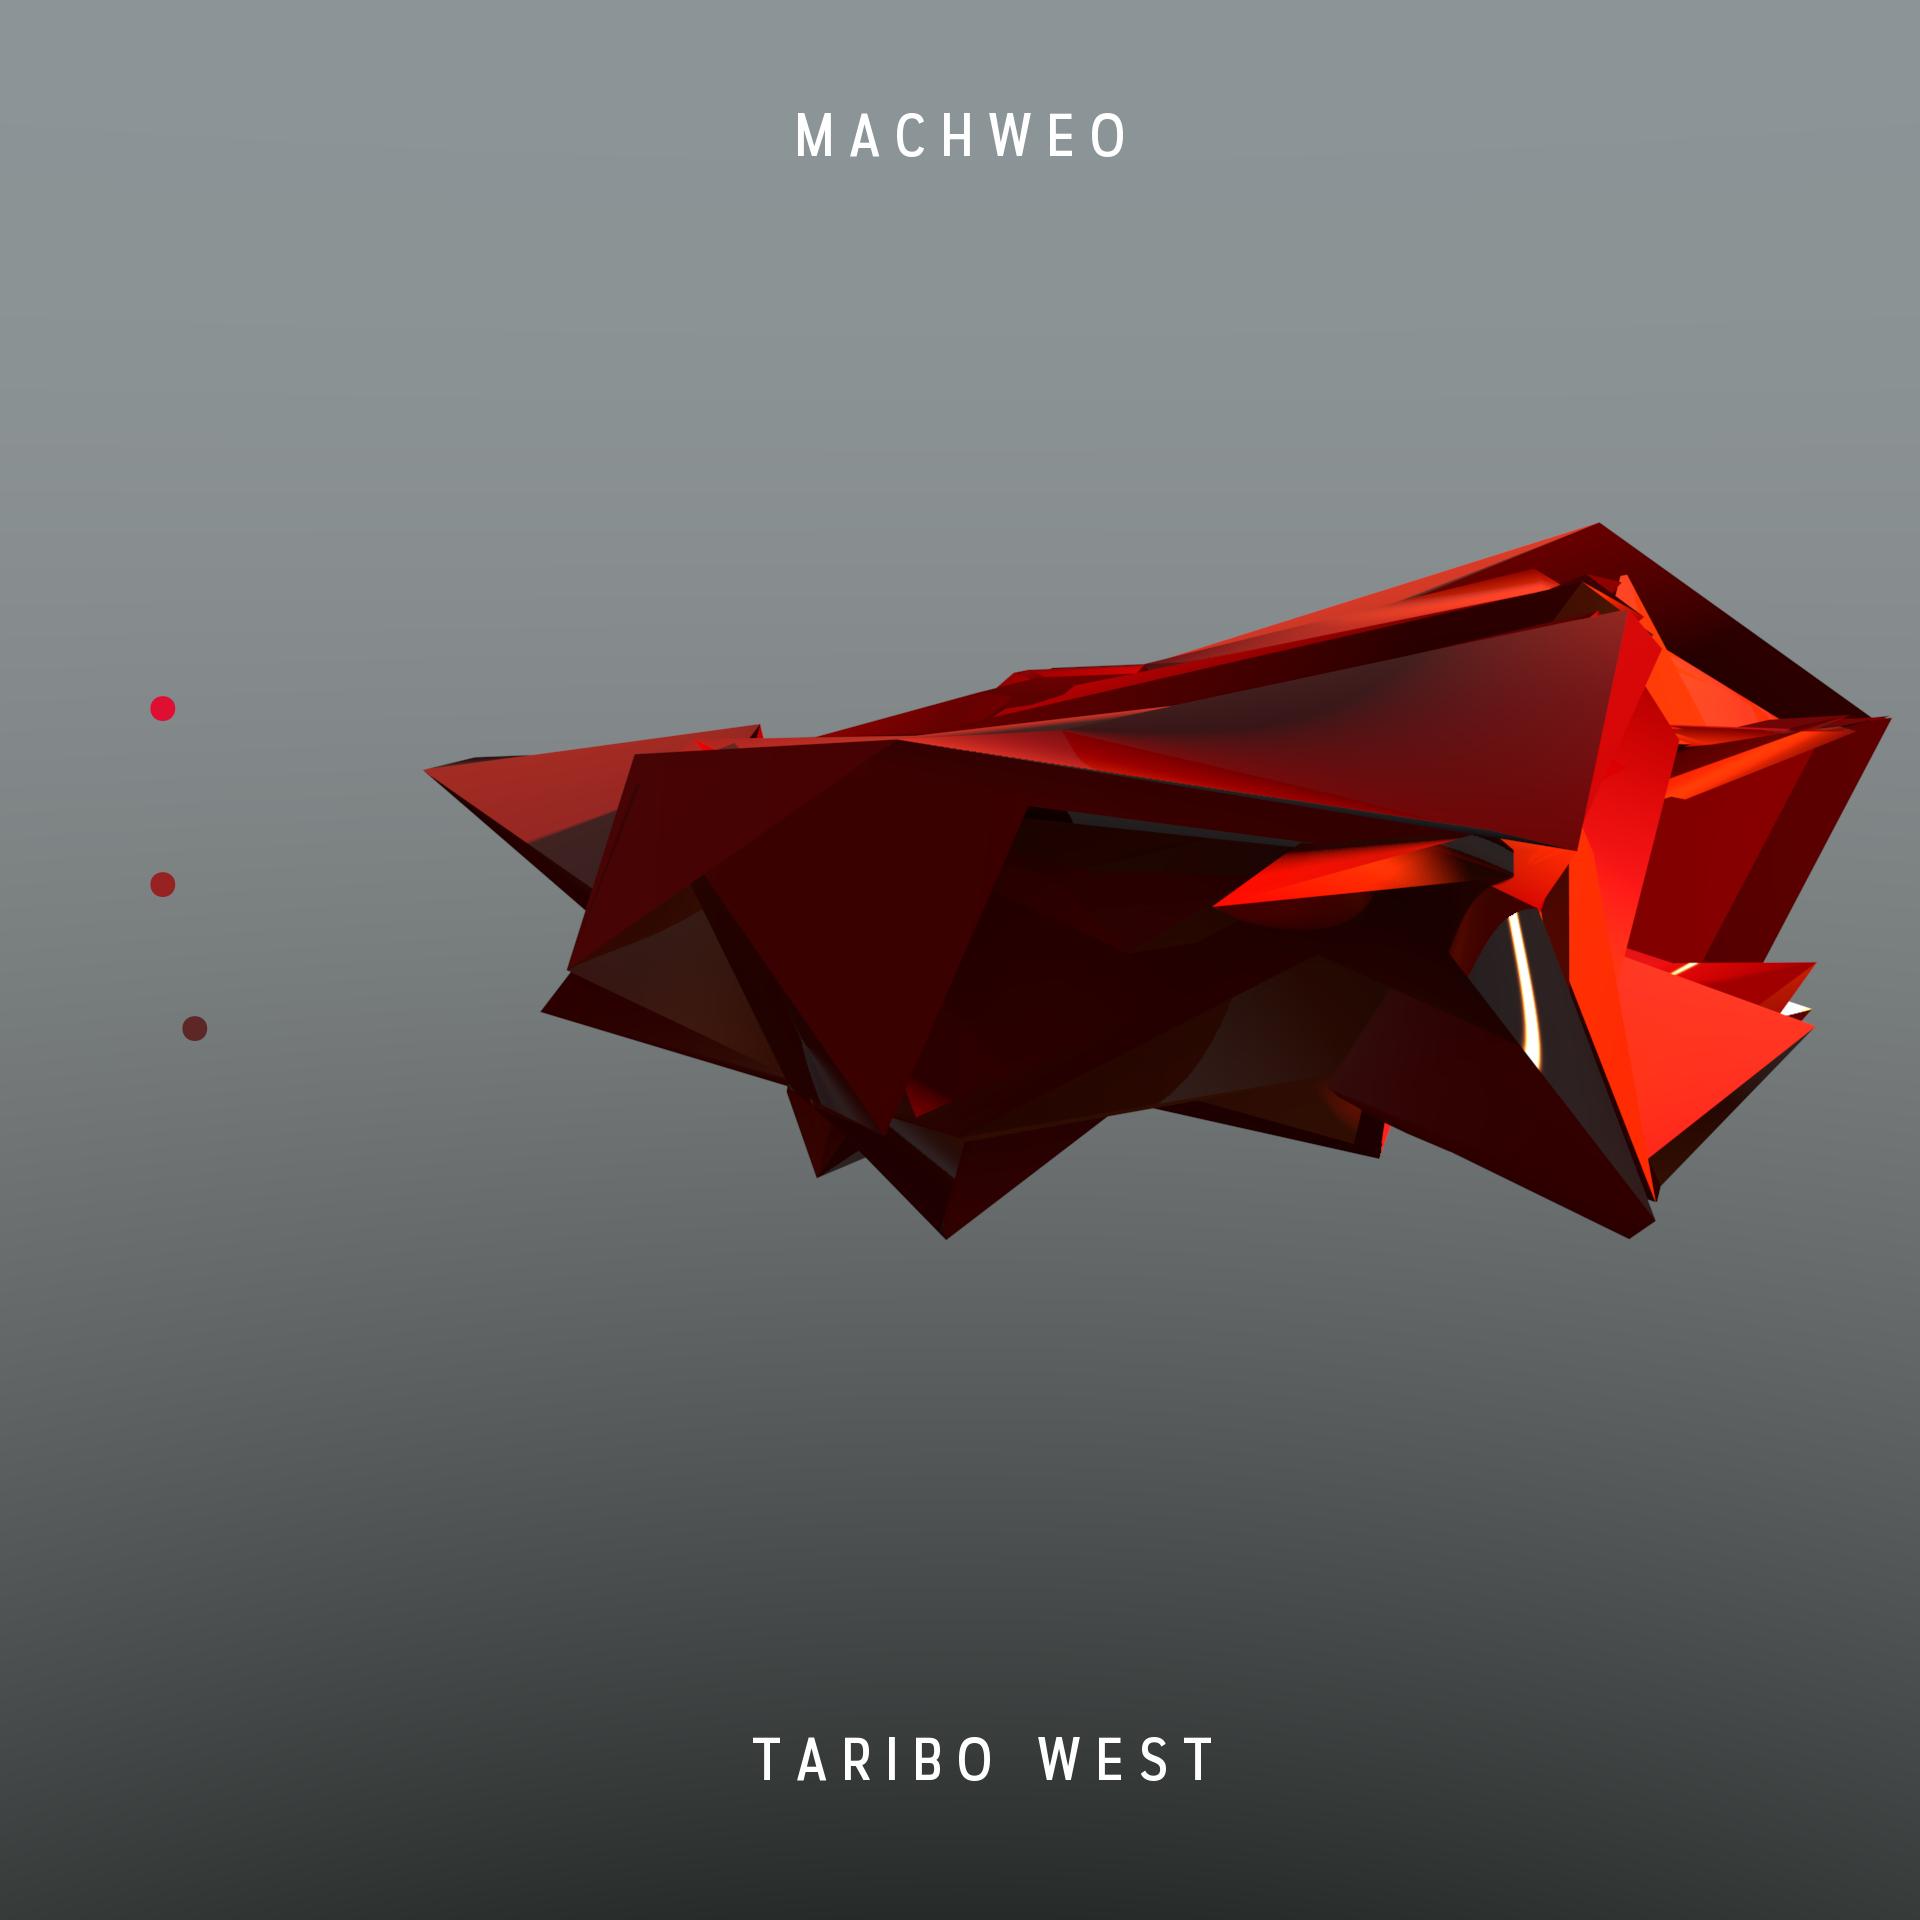 Machweo - Taribo West